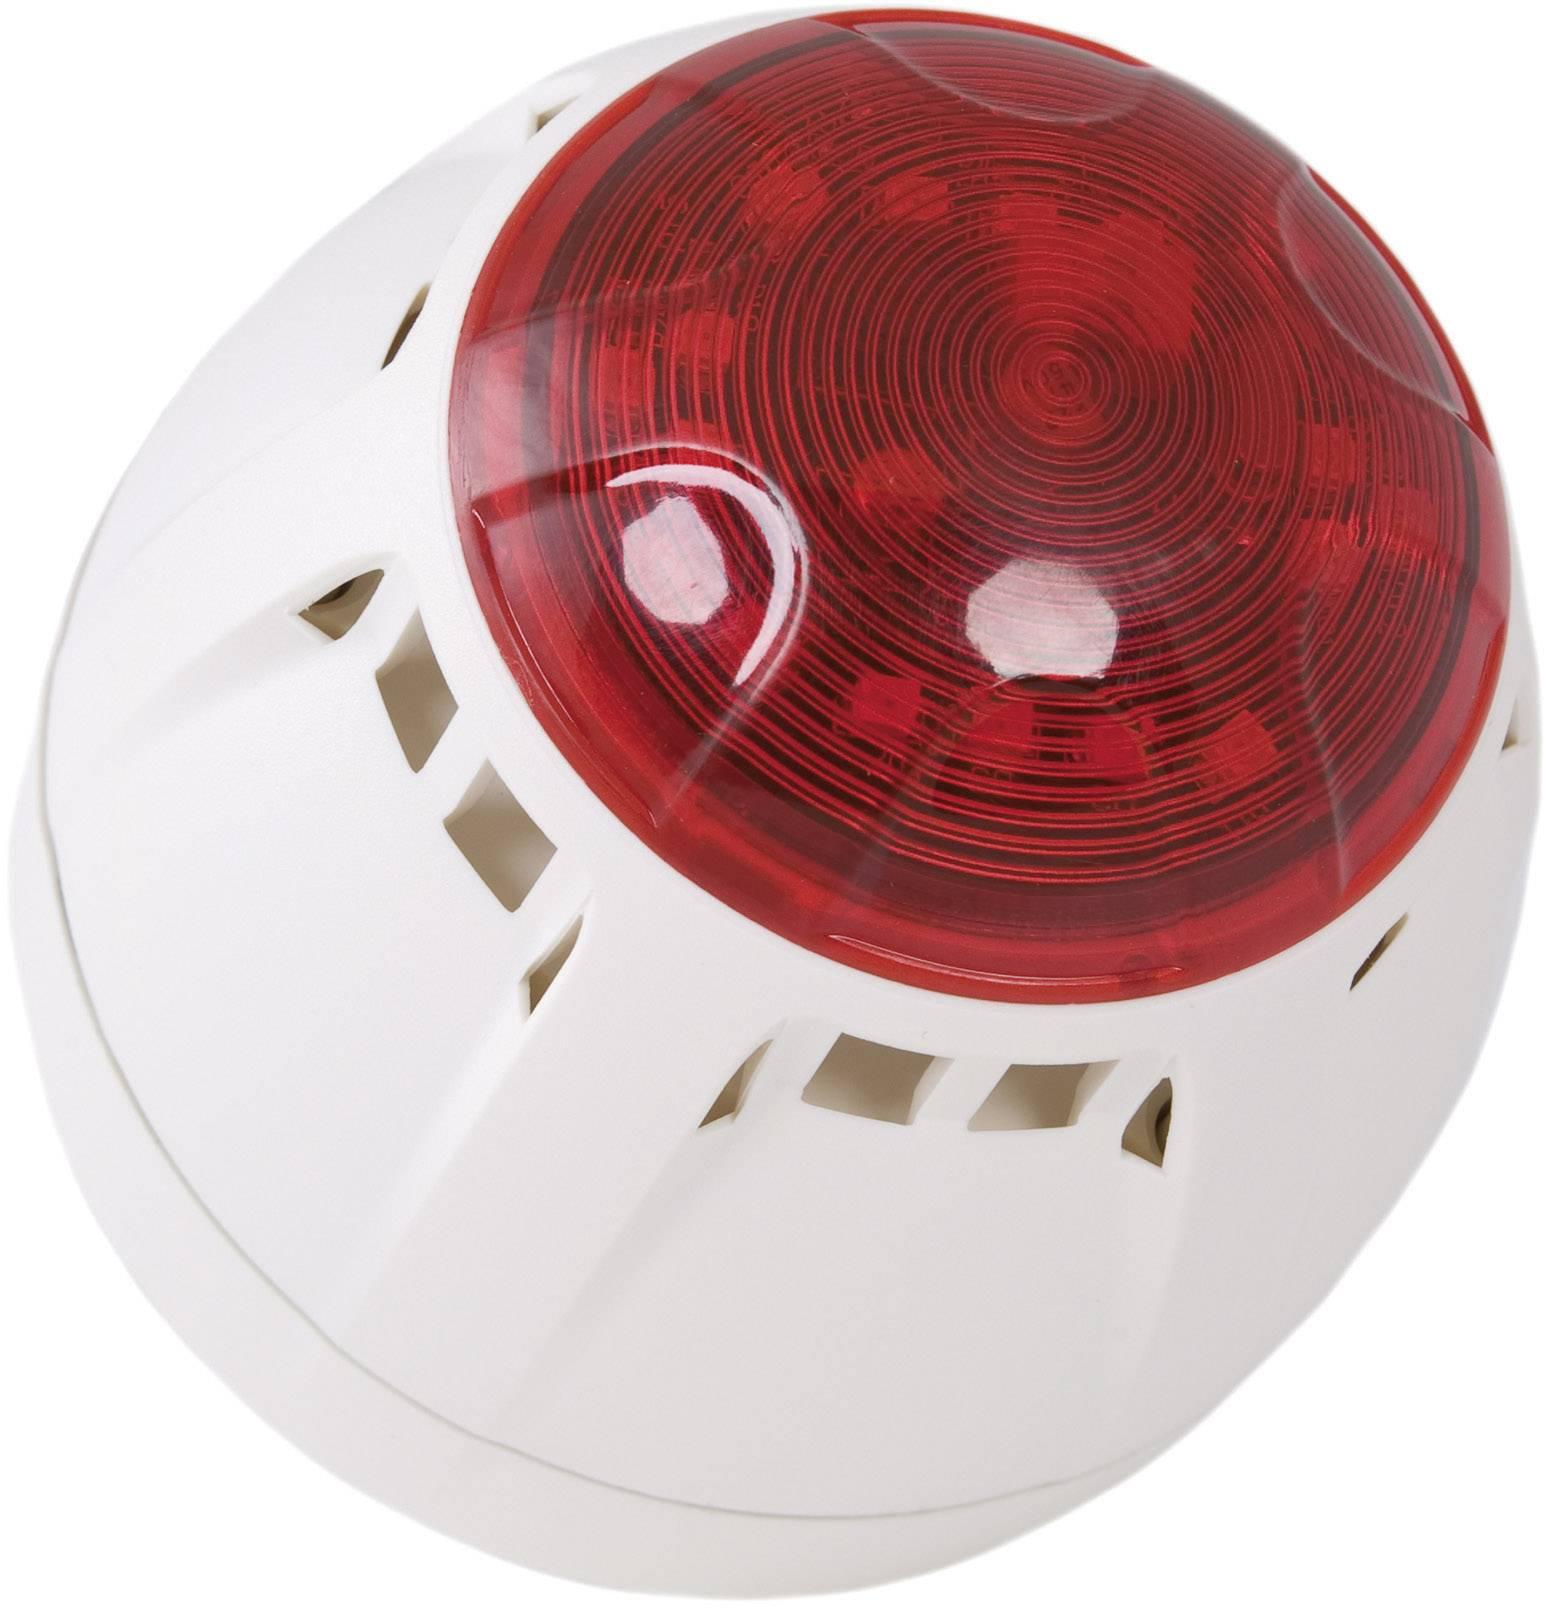 Siréna s blikajícím světlem ComPro Chiasso Razor (CH/100/AV/DW), IP65, bílá